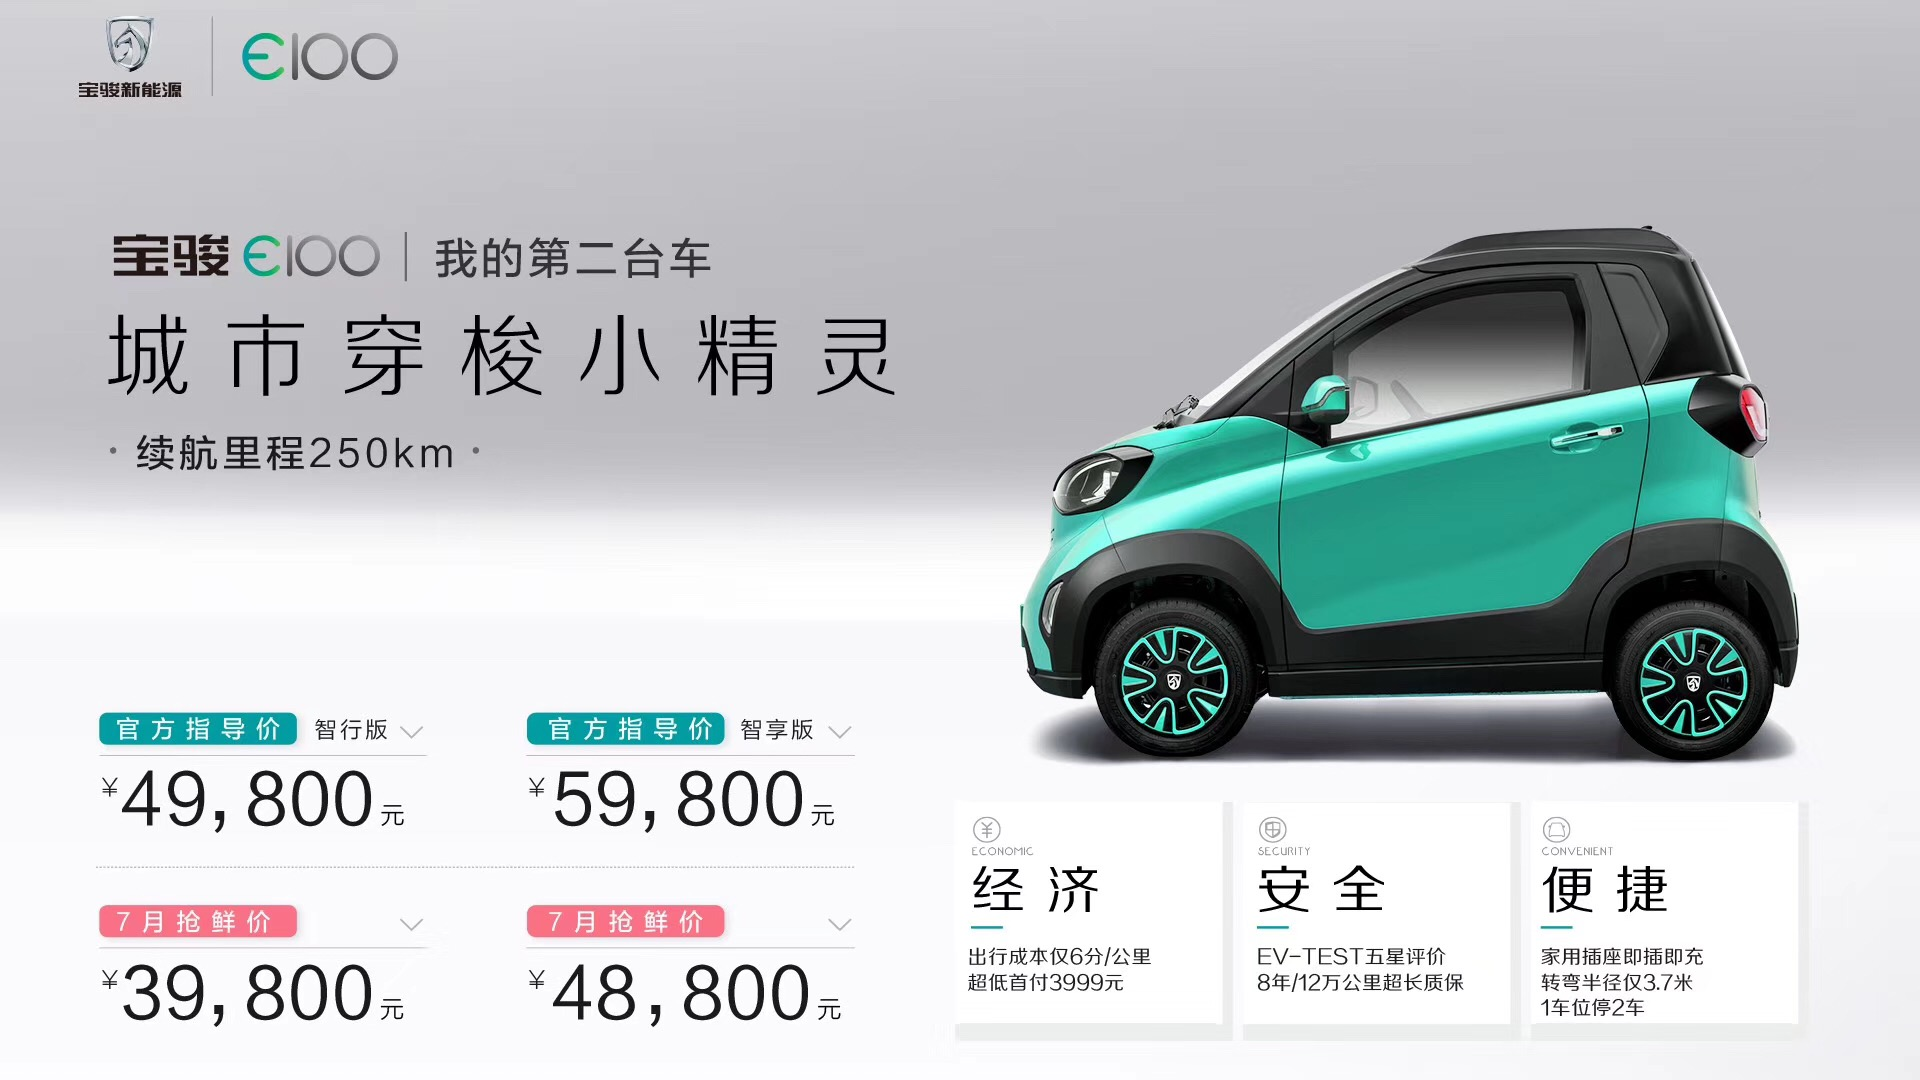 全新宝骏E100上市 售价4.98-5.98万元